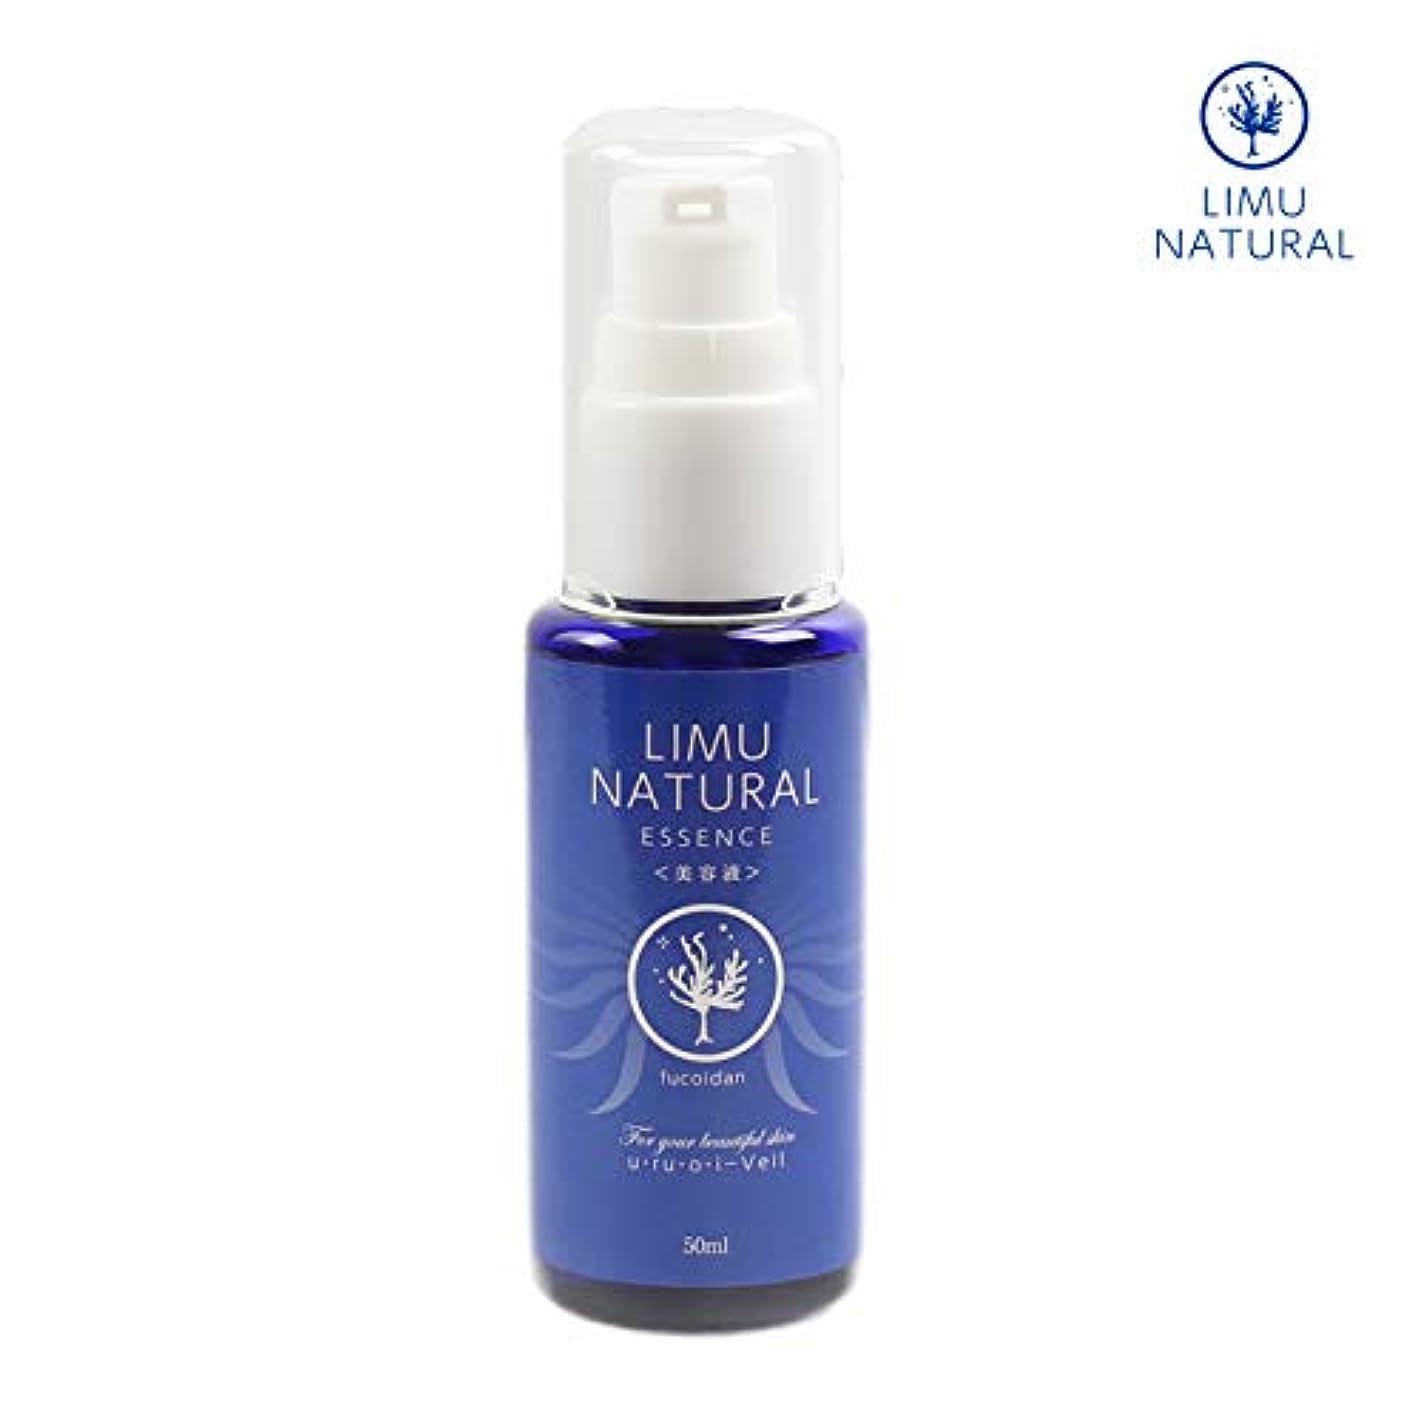 失われたストロー落花生リムナチュラル 高濃度美容液 LIMU NATURAL ESSENCE (50ml) 「美白&保湿」「フコイダン」+「グリセリルグルコシド」を贅沢に配合